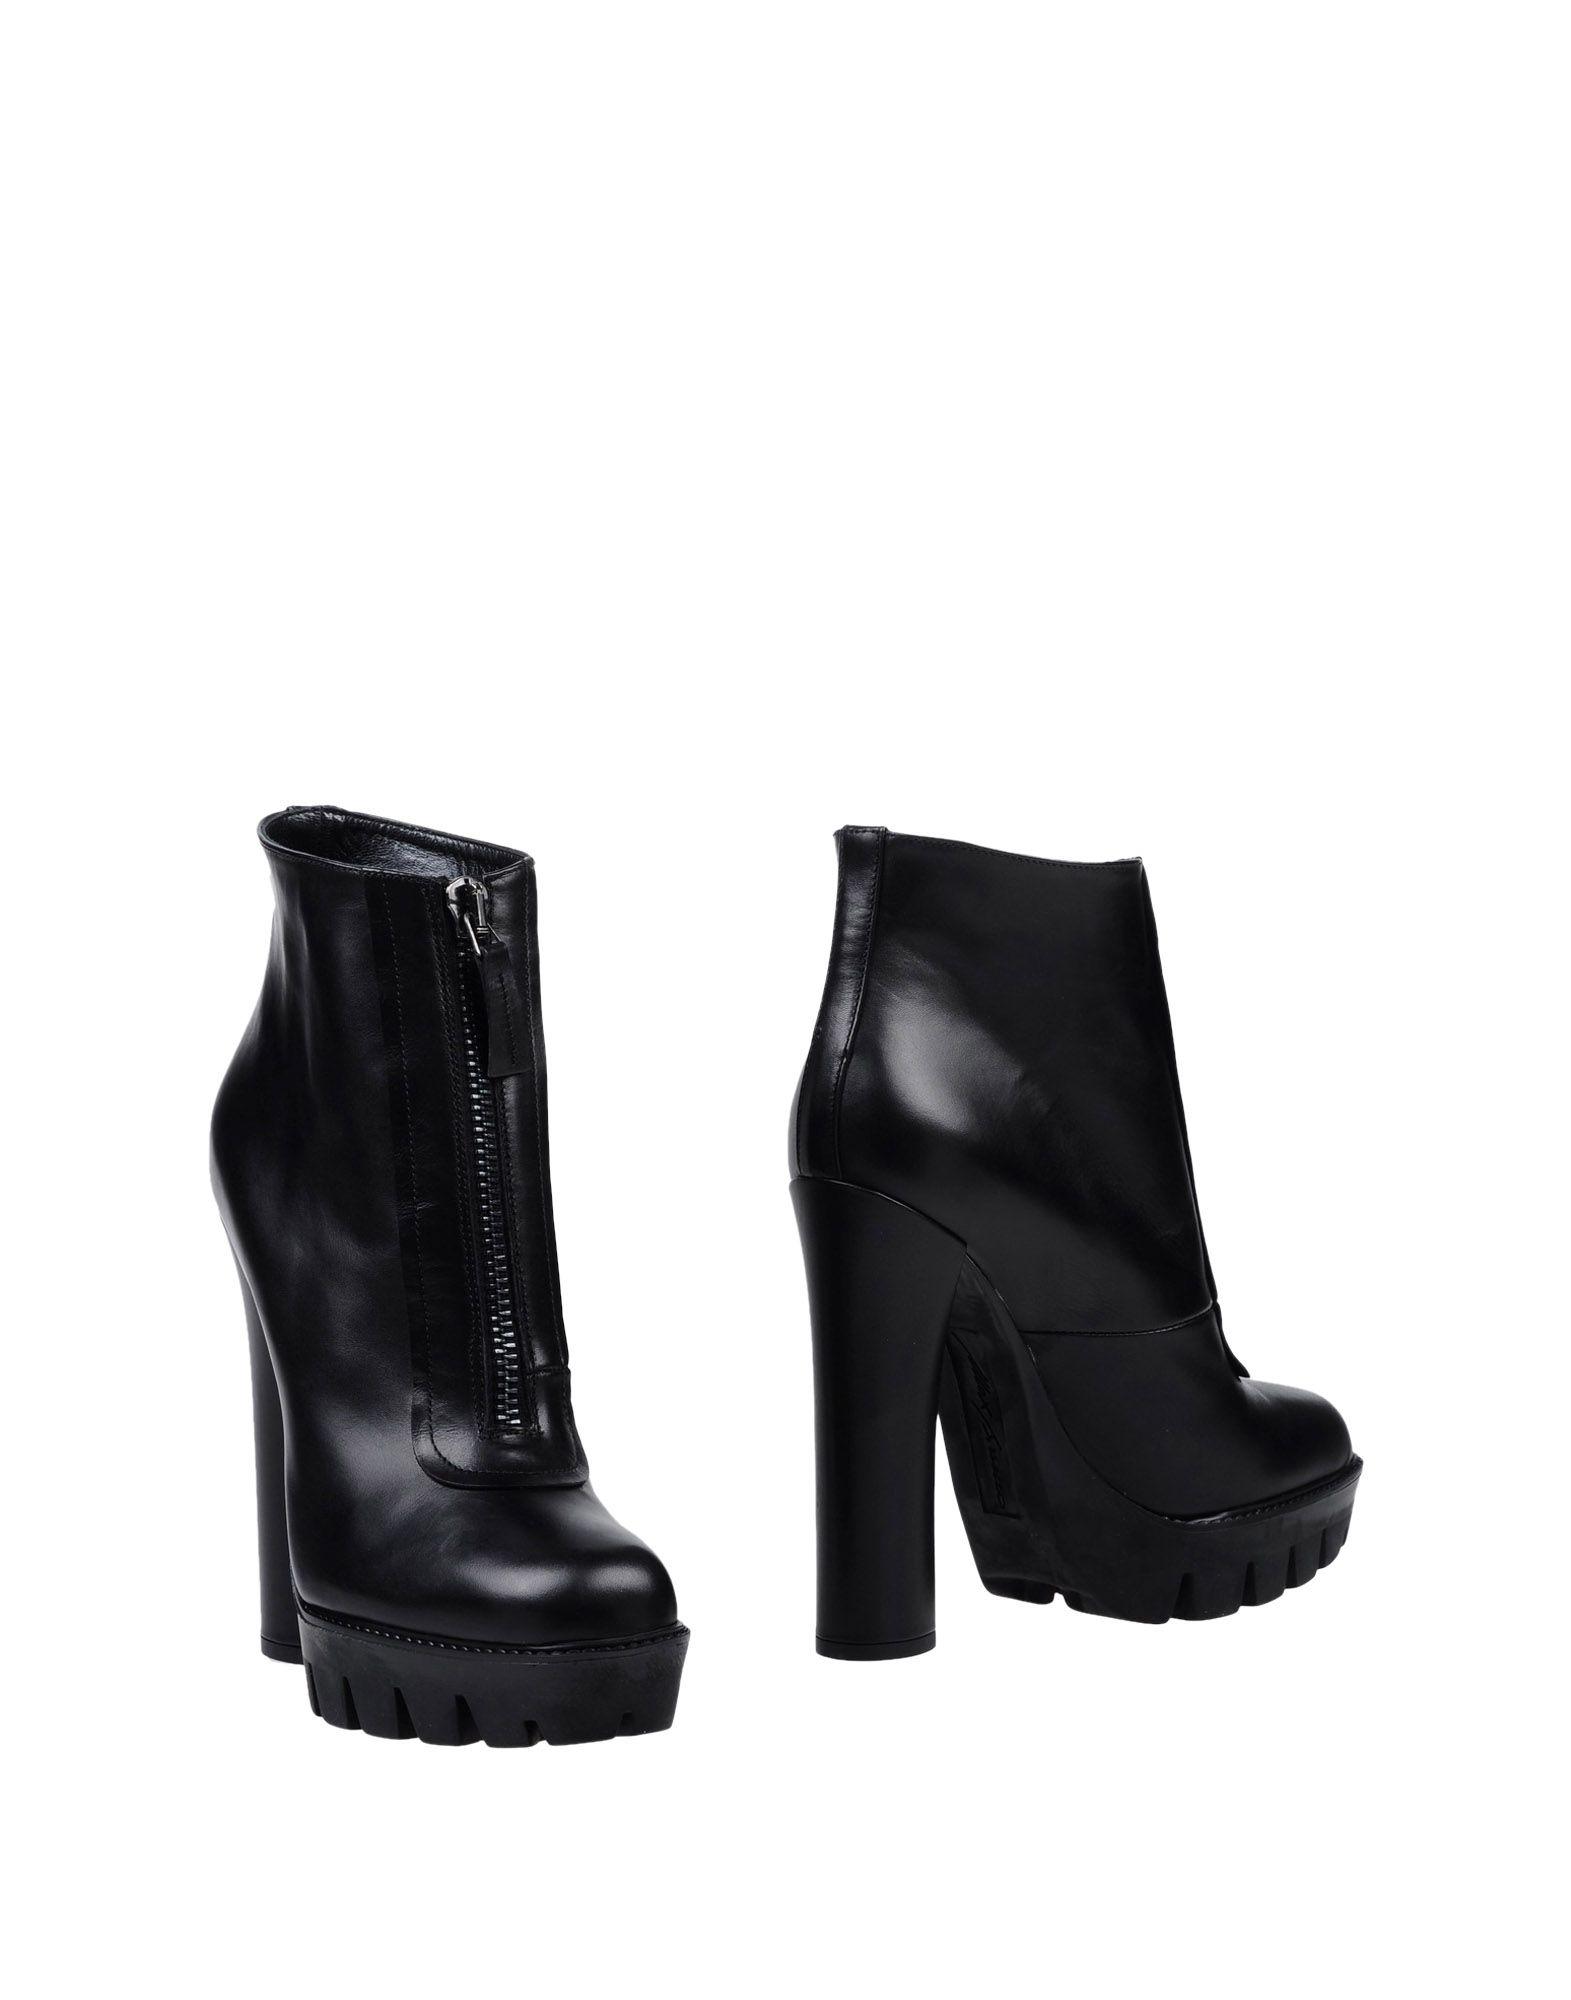 MAXBIANCO Полусапоги и высокие ботинки цены онлайн